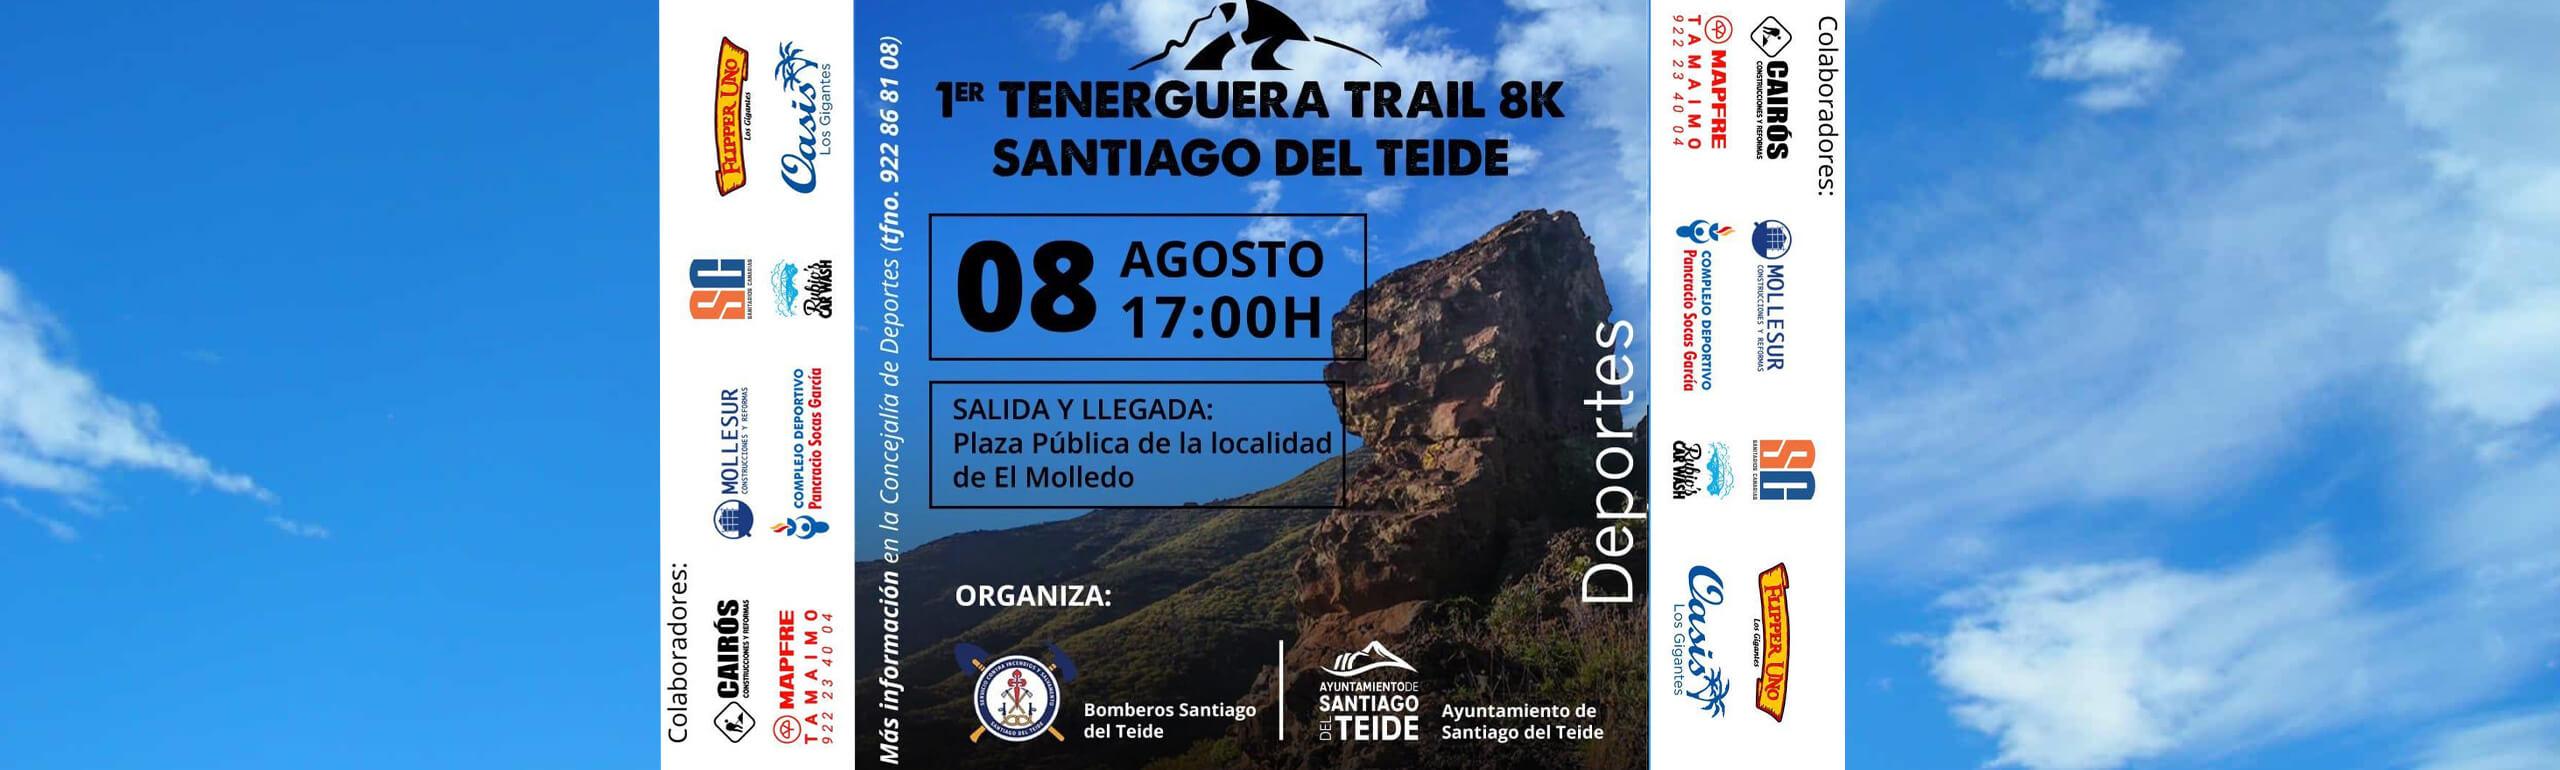 Entrega De Dorsales Tenerguera Trail